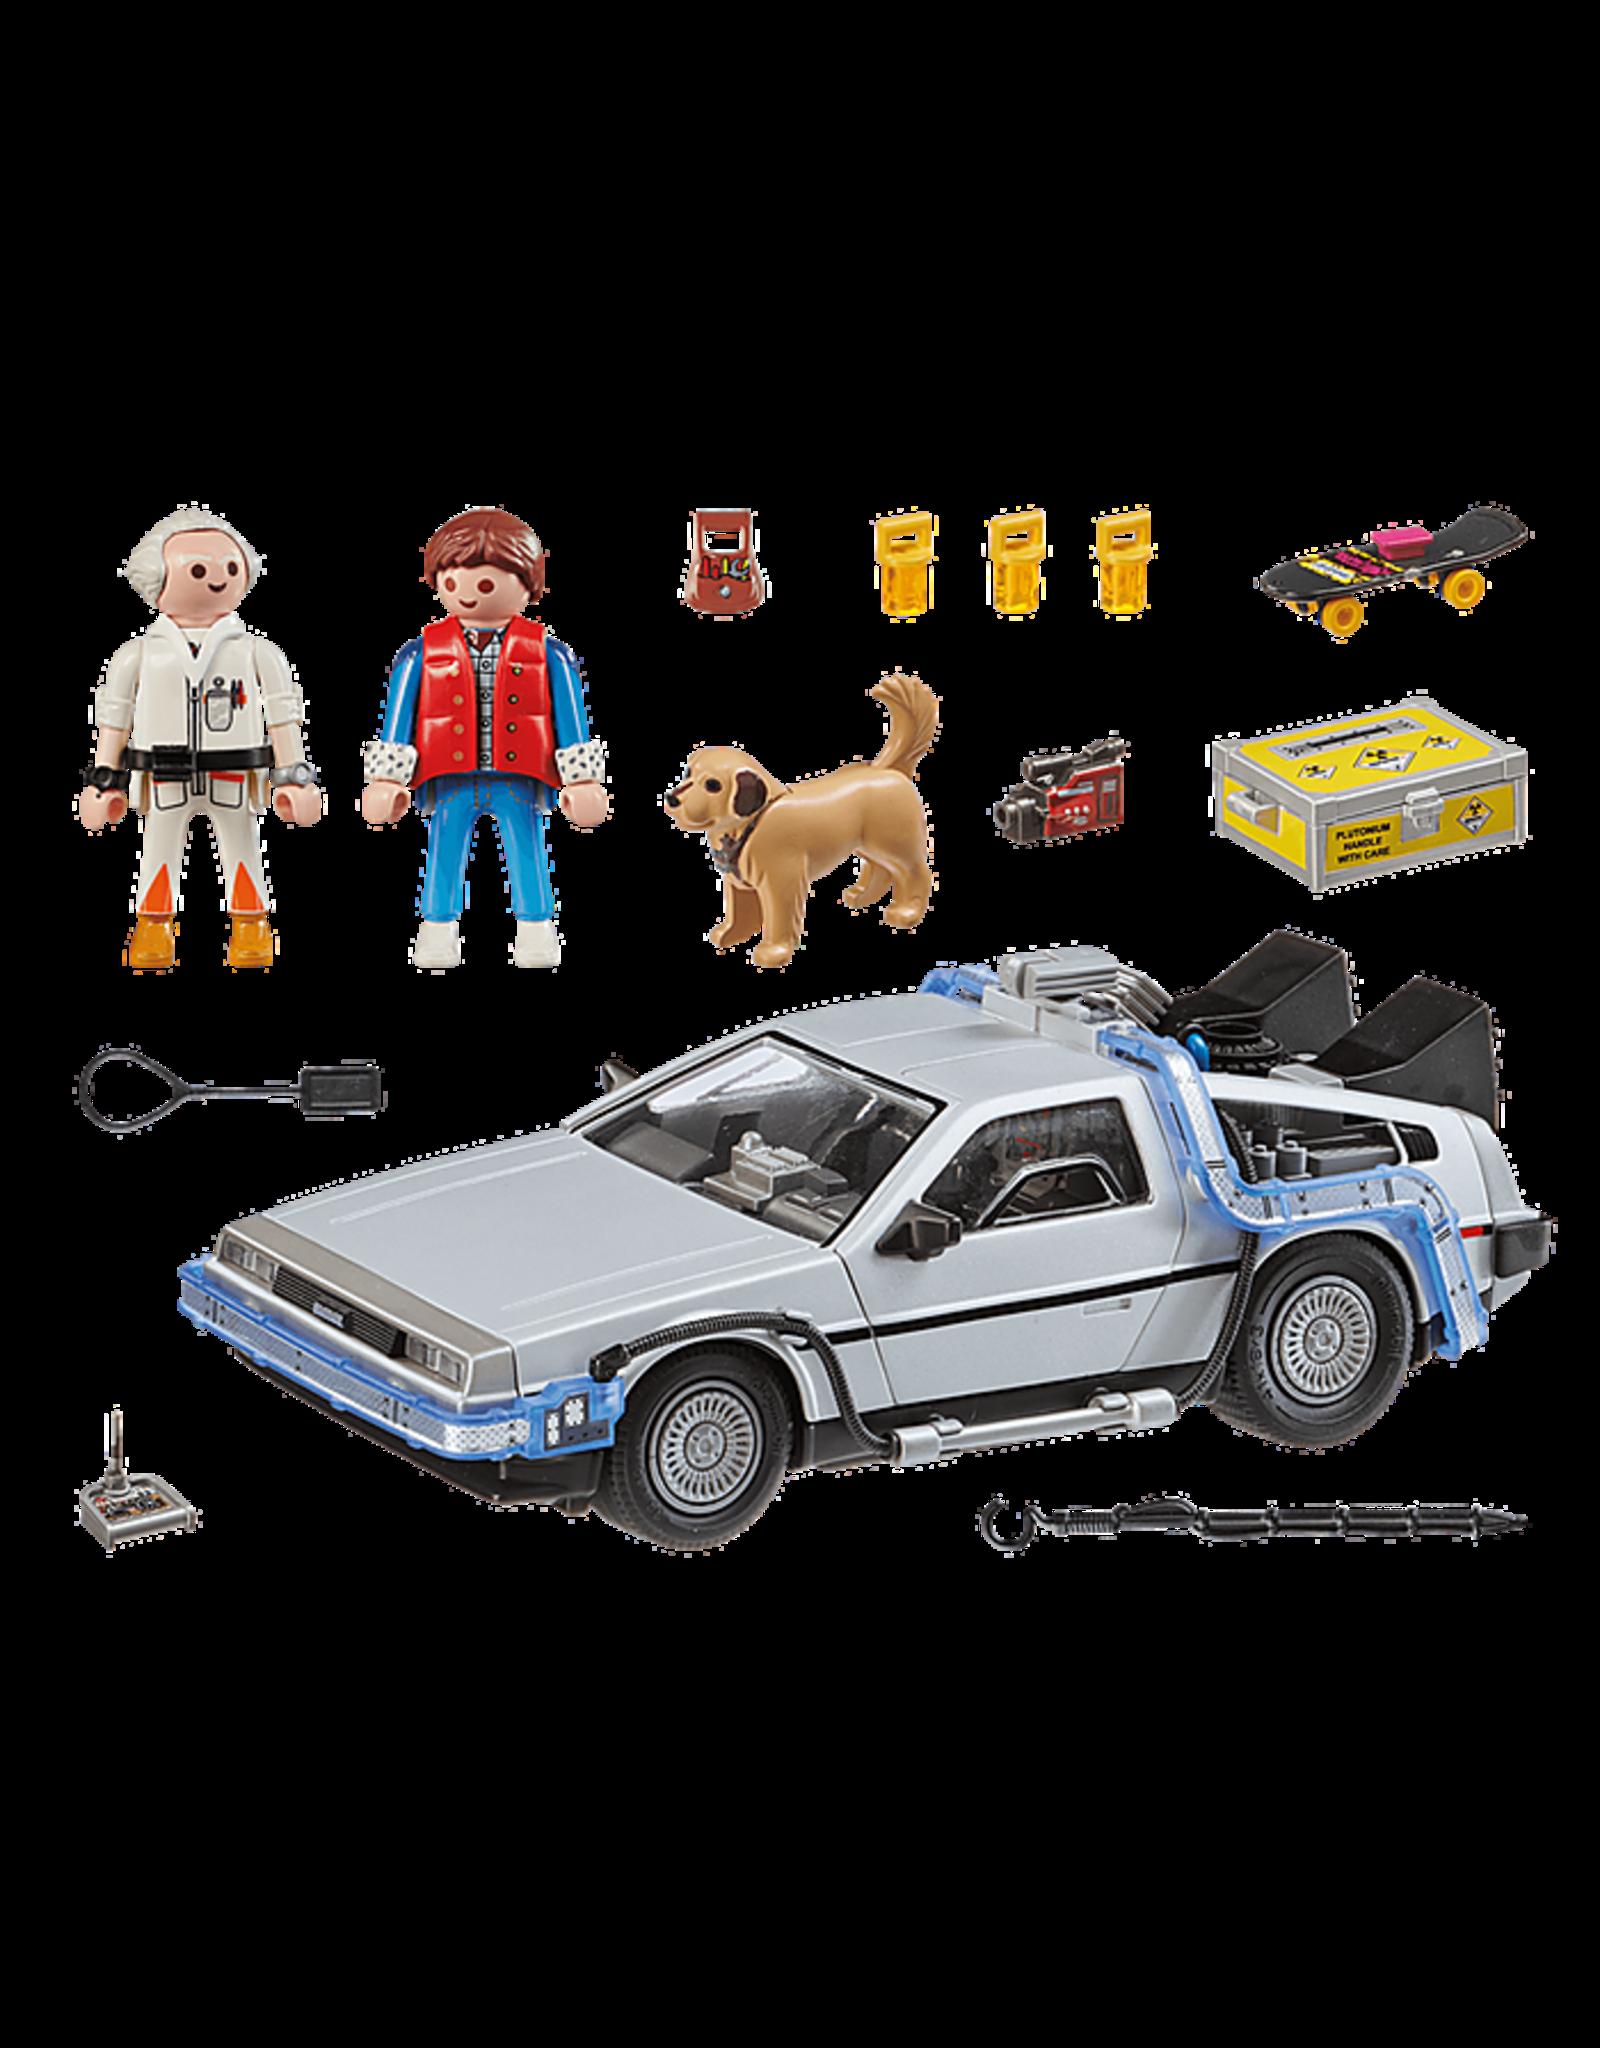 Playmobil Back to the Future, DeLorean